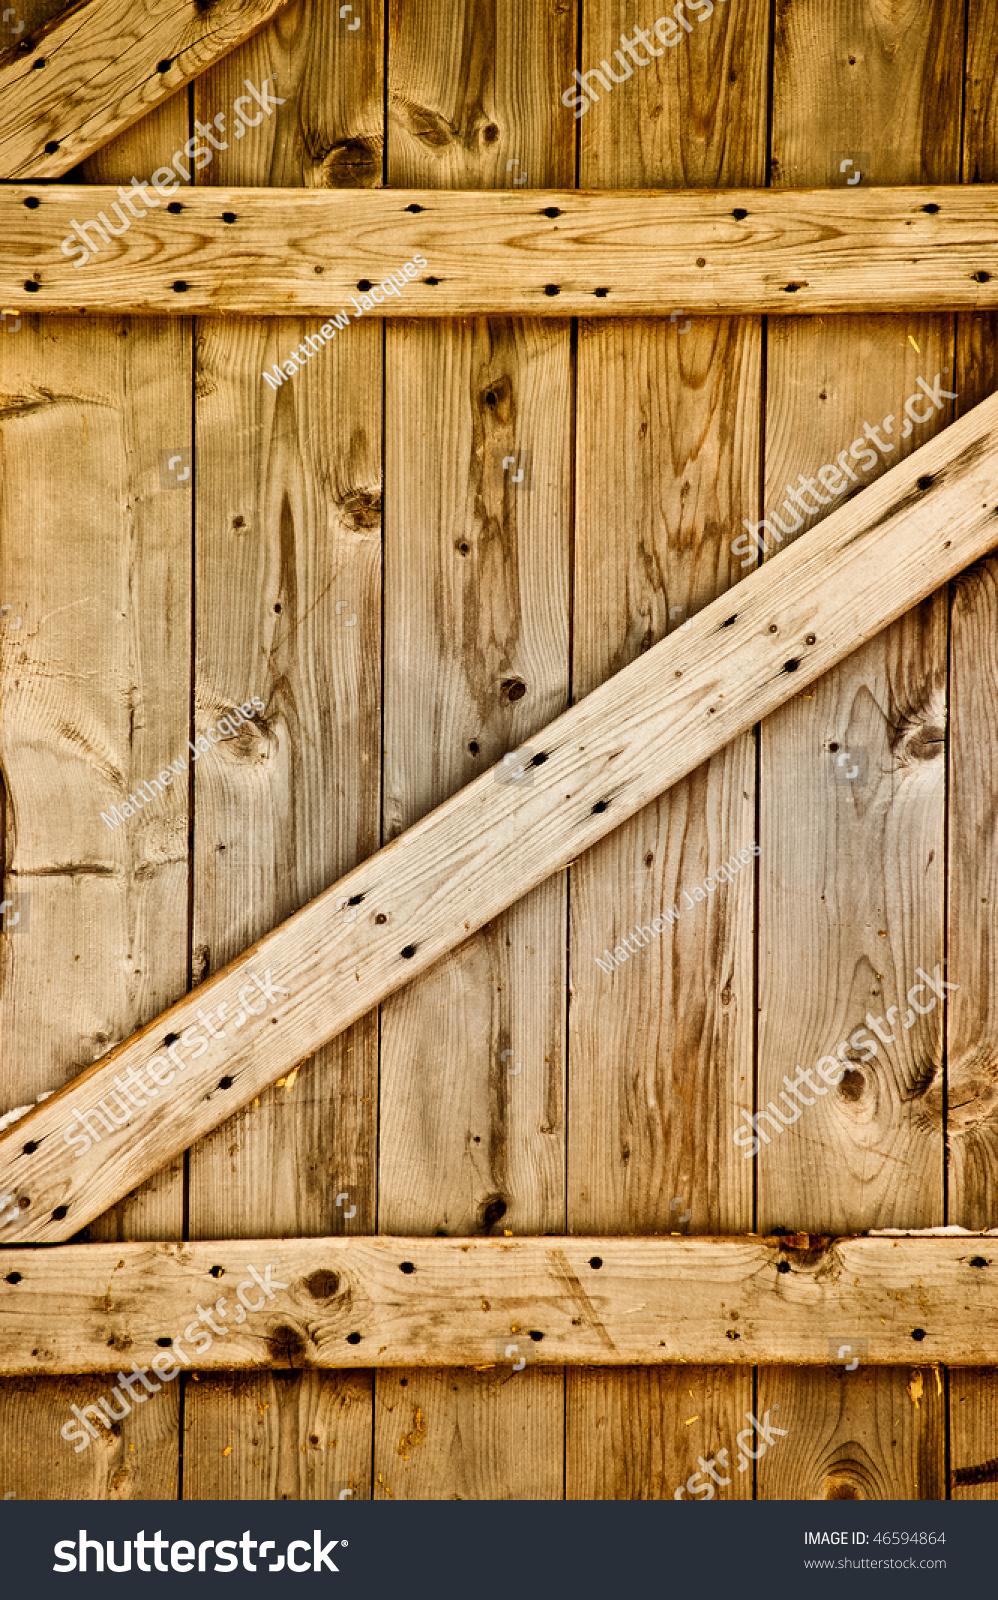 Rustic Wooden Barn Door Stock Photo 46594864 - Shutterstock